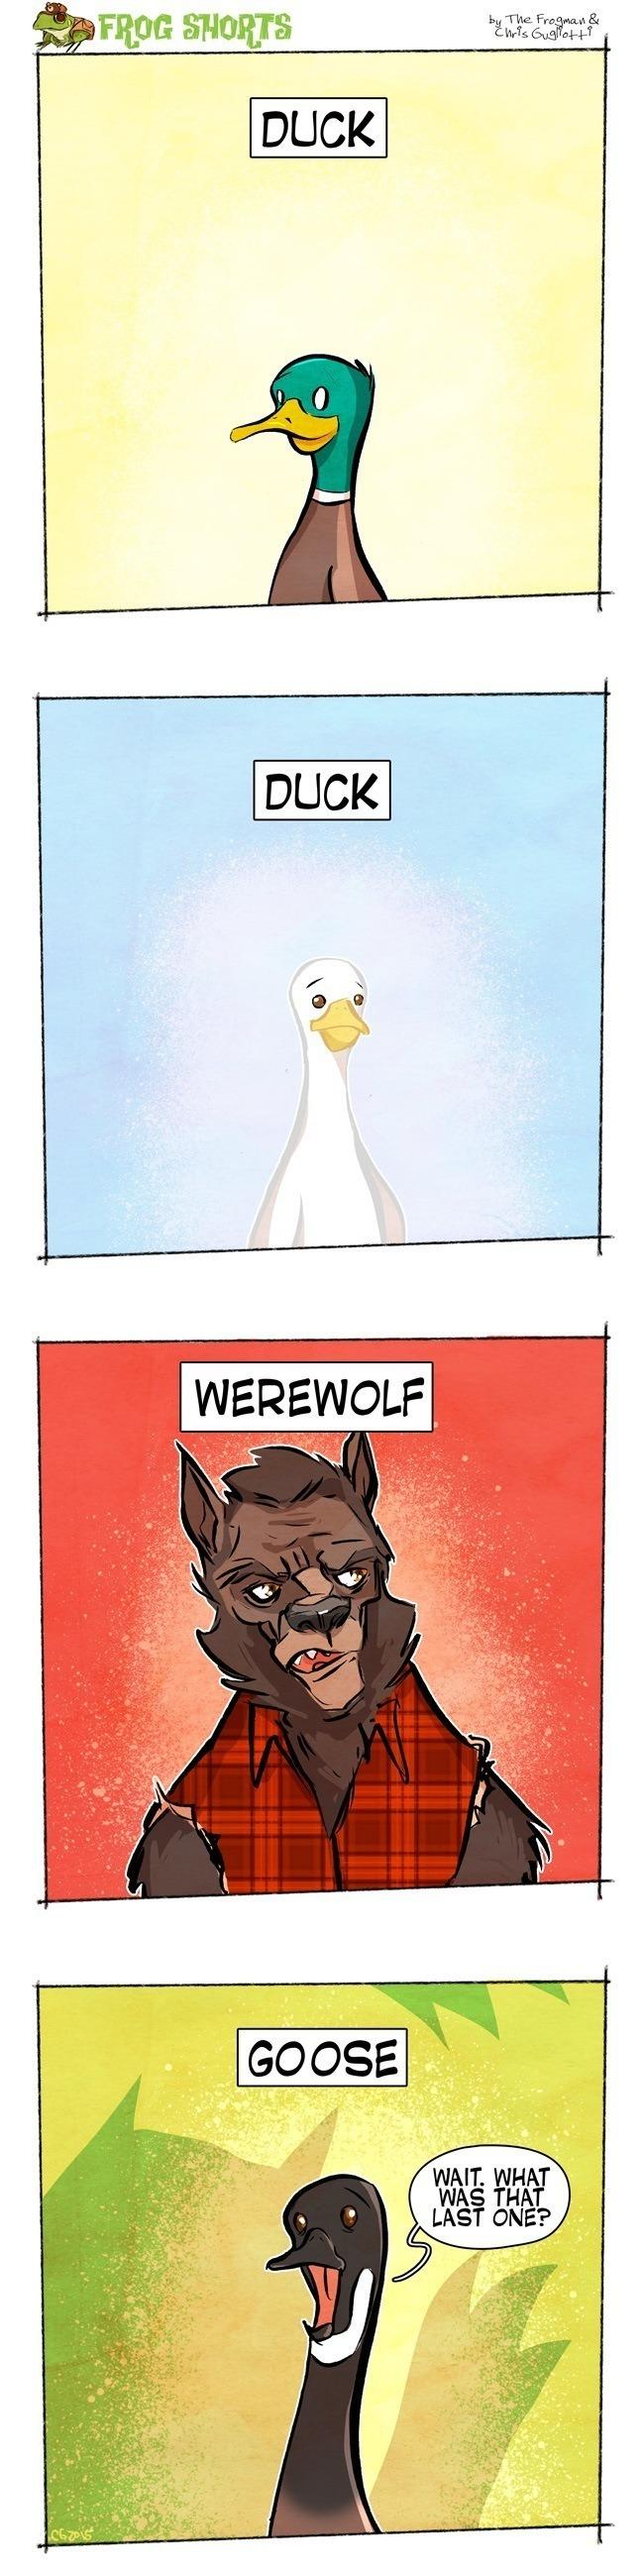 Duck Duck Werewolf